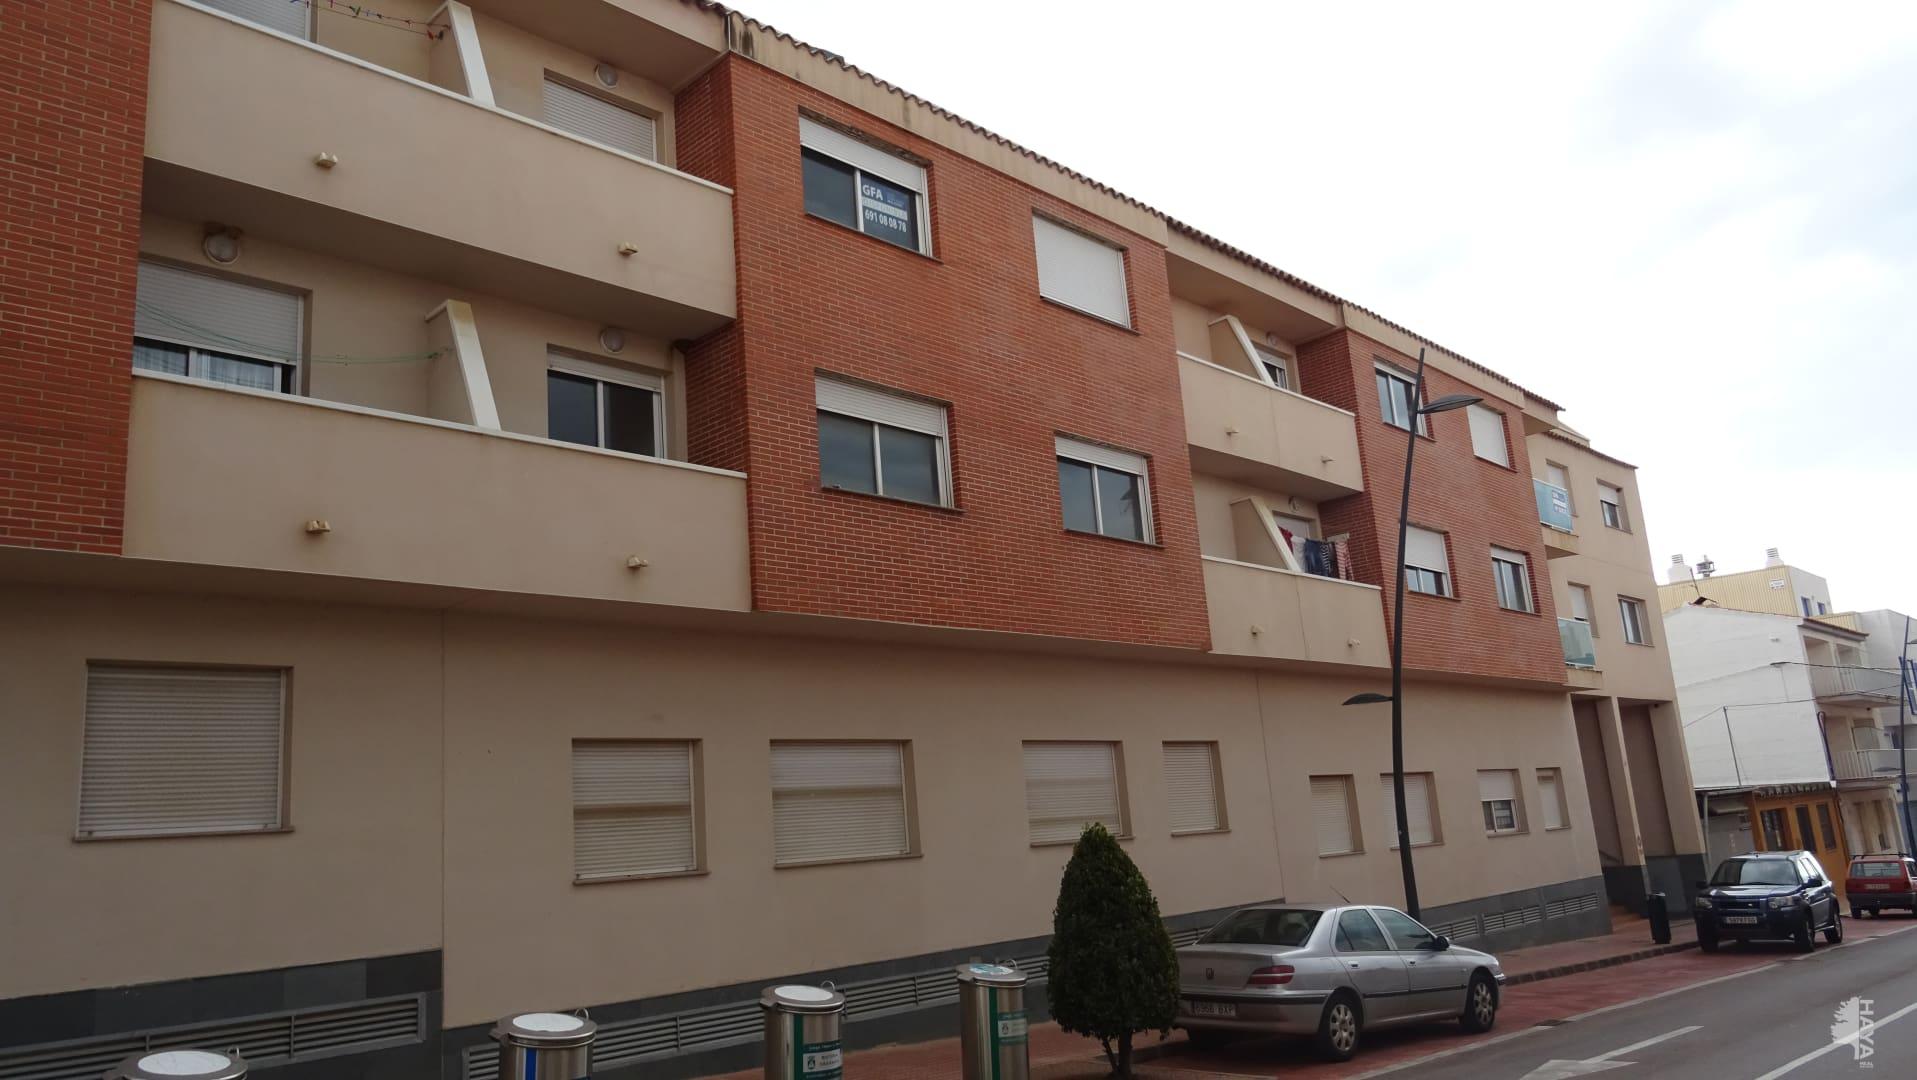 Piso en venta en Torreblanca, Castellón, Calle Colon, 59.000 €, 3 habitaciones, 2 baños, 89 m2